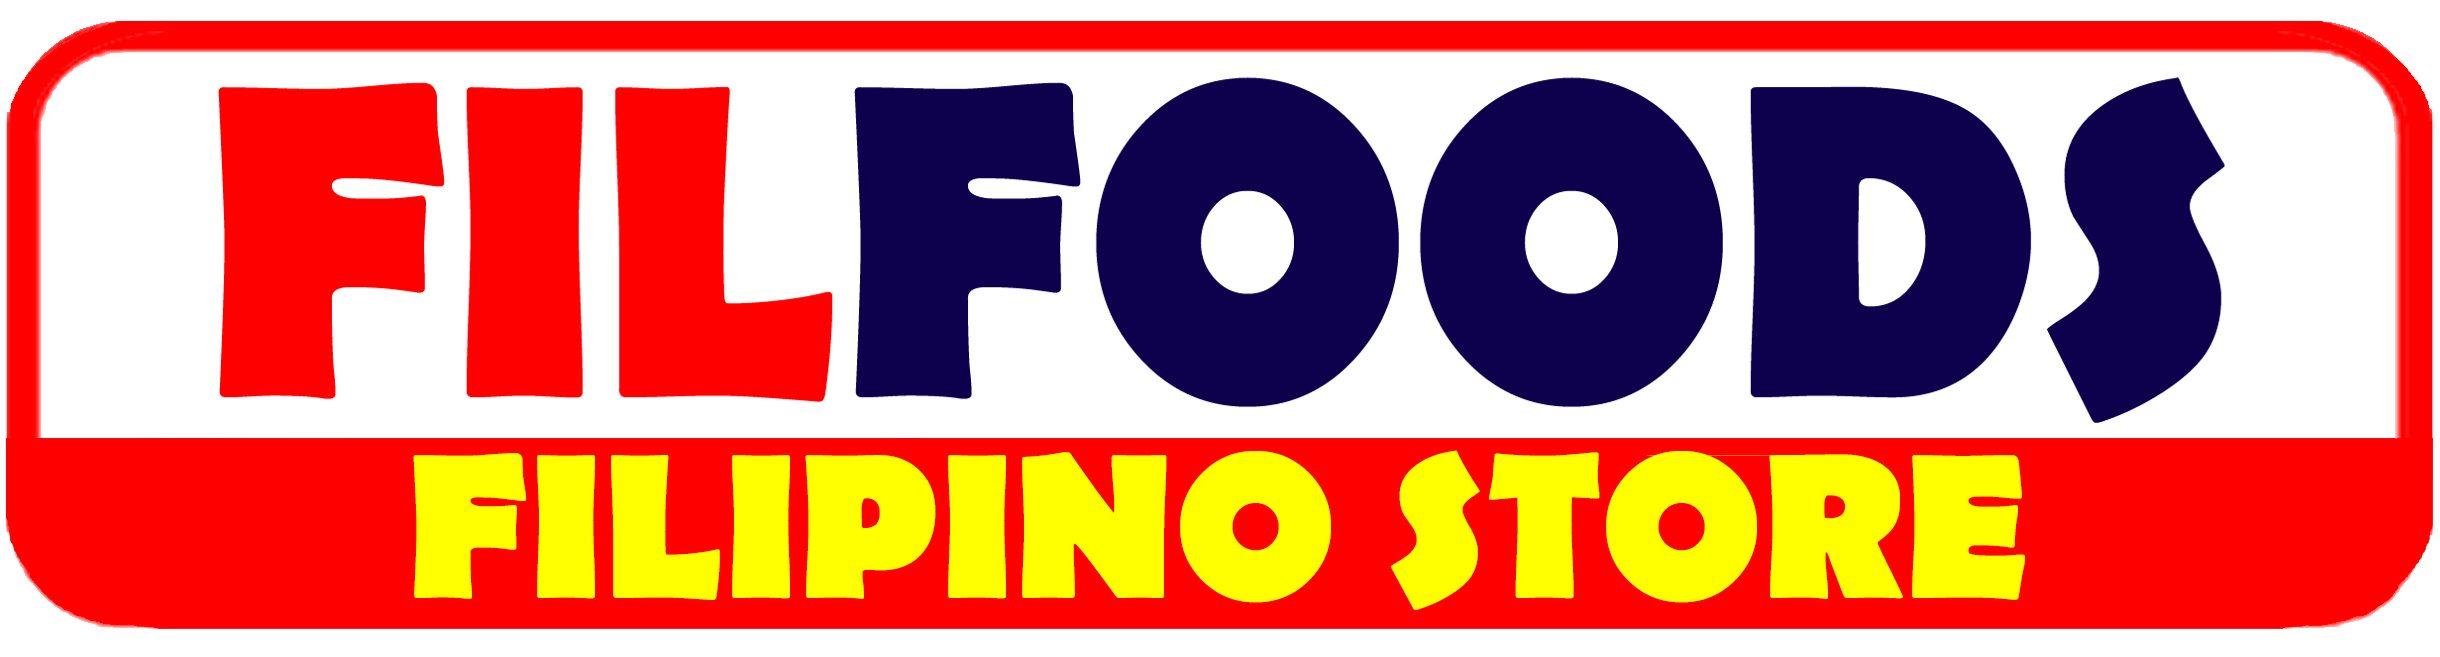 FilFoods